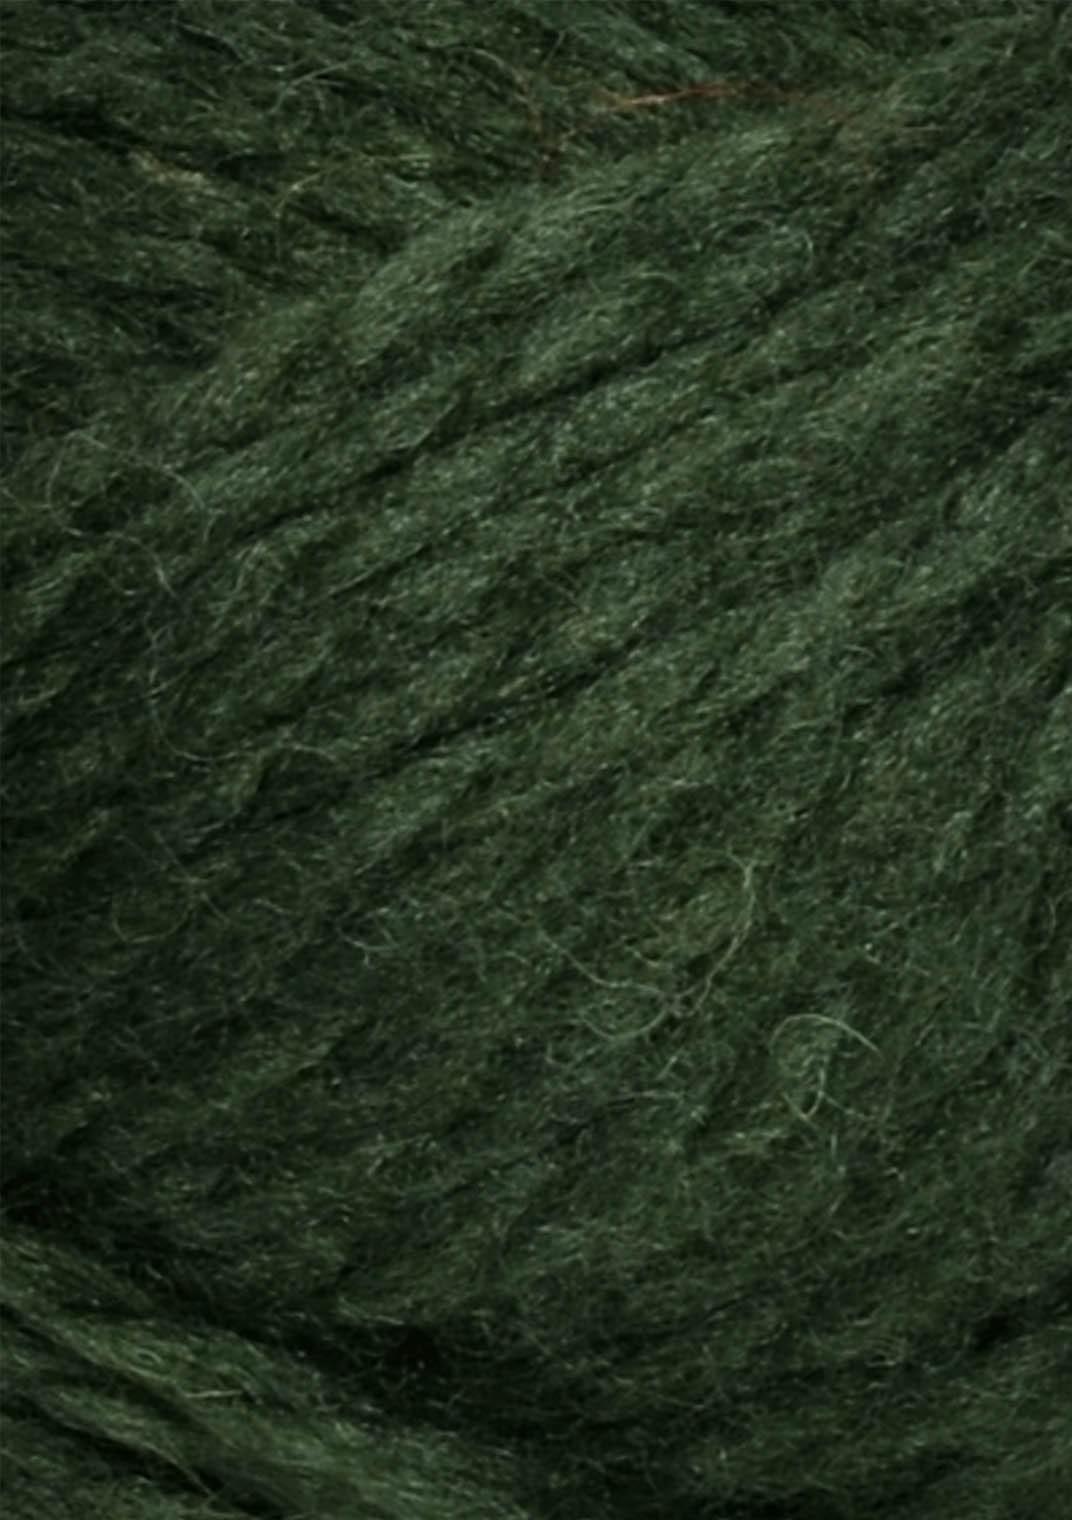 8571 Mørk grøn Fritidsgarn fra Sandnes garn